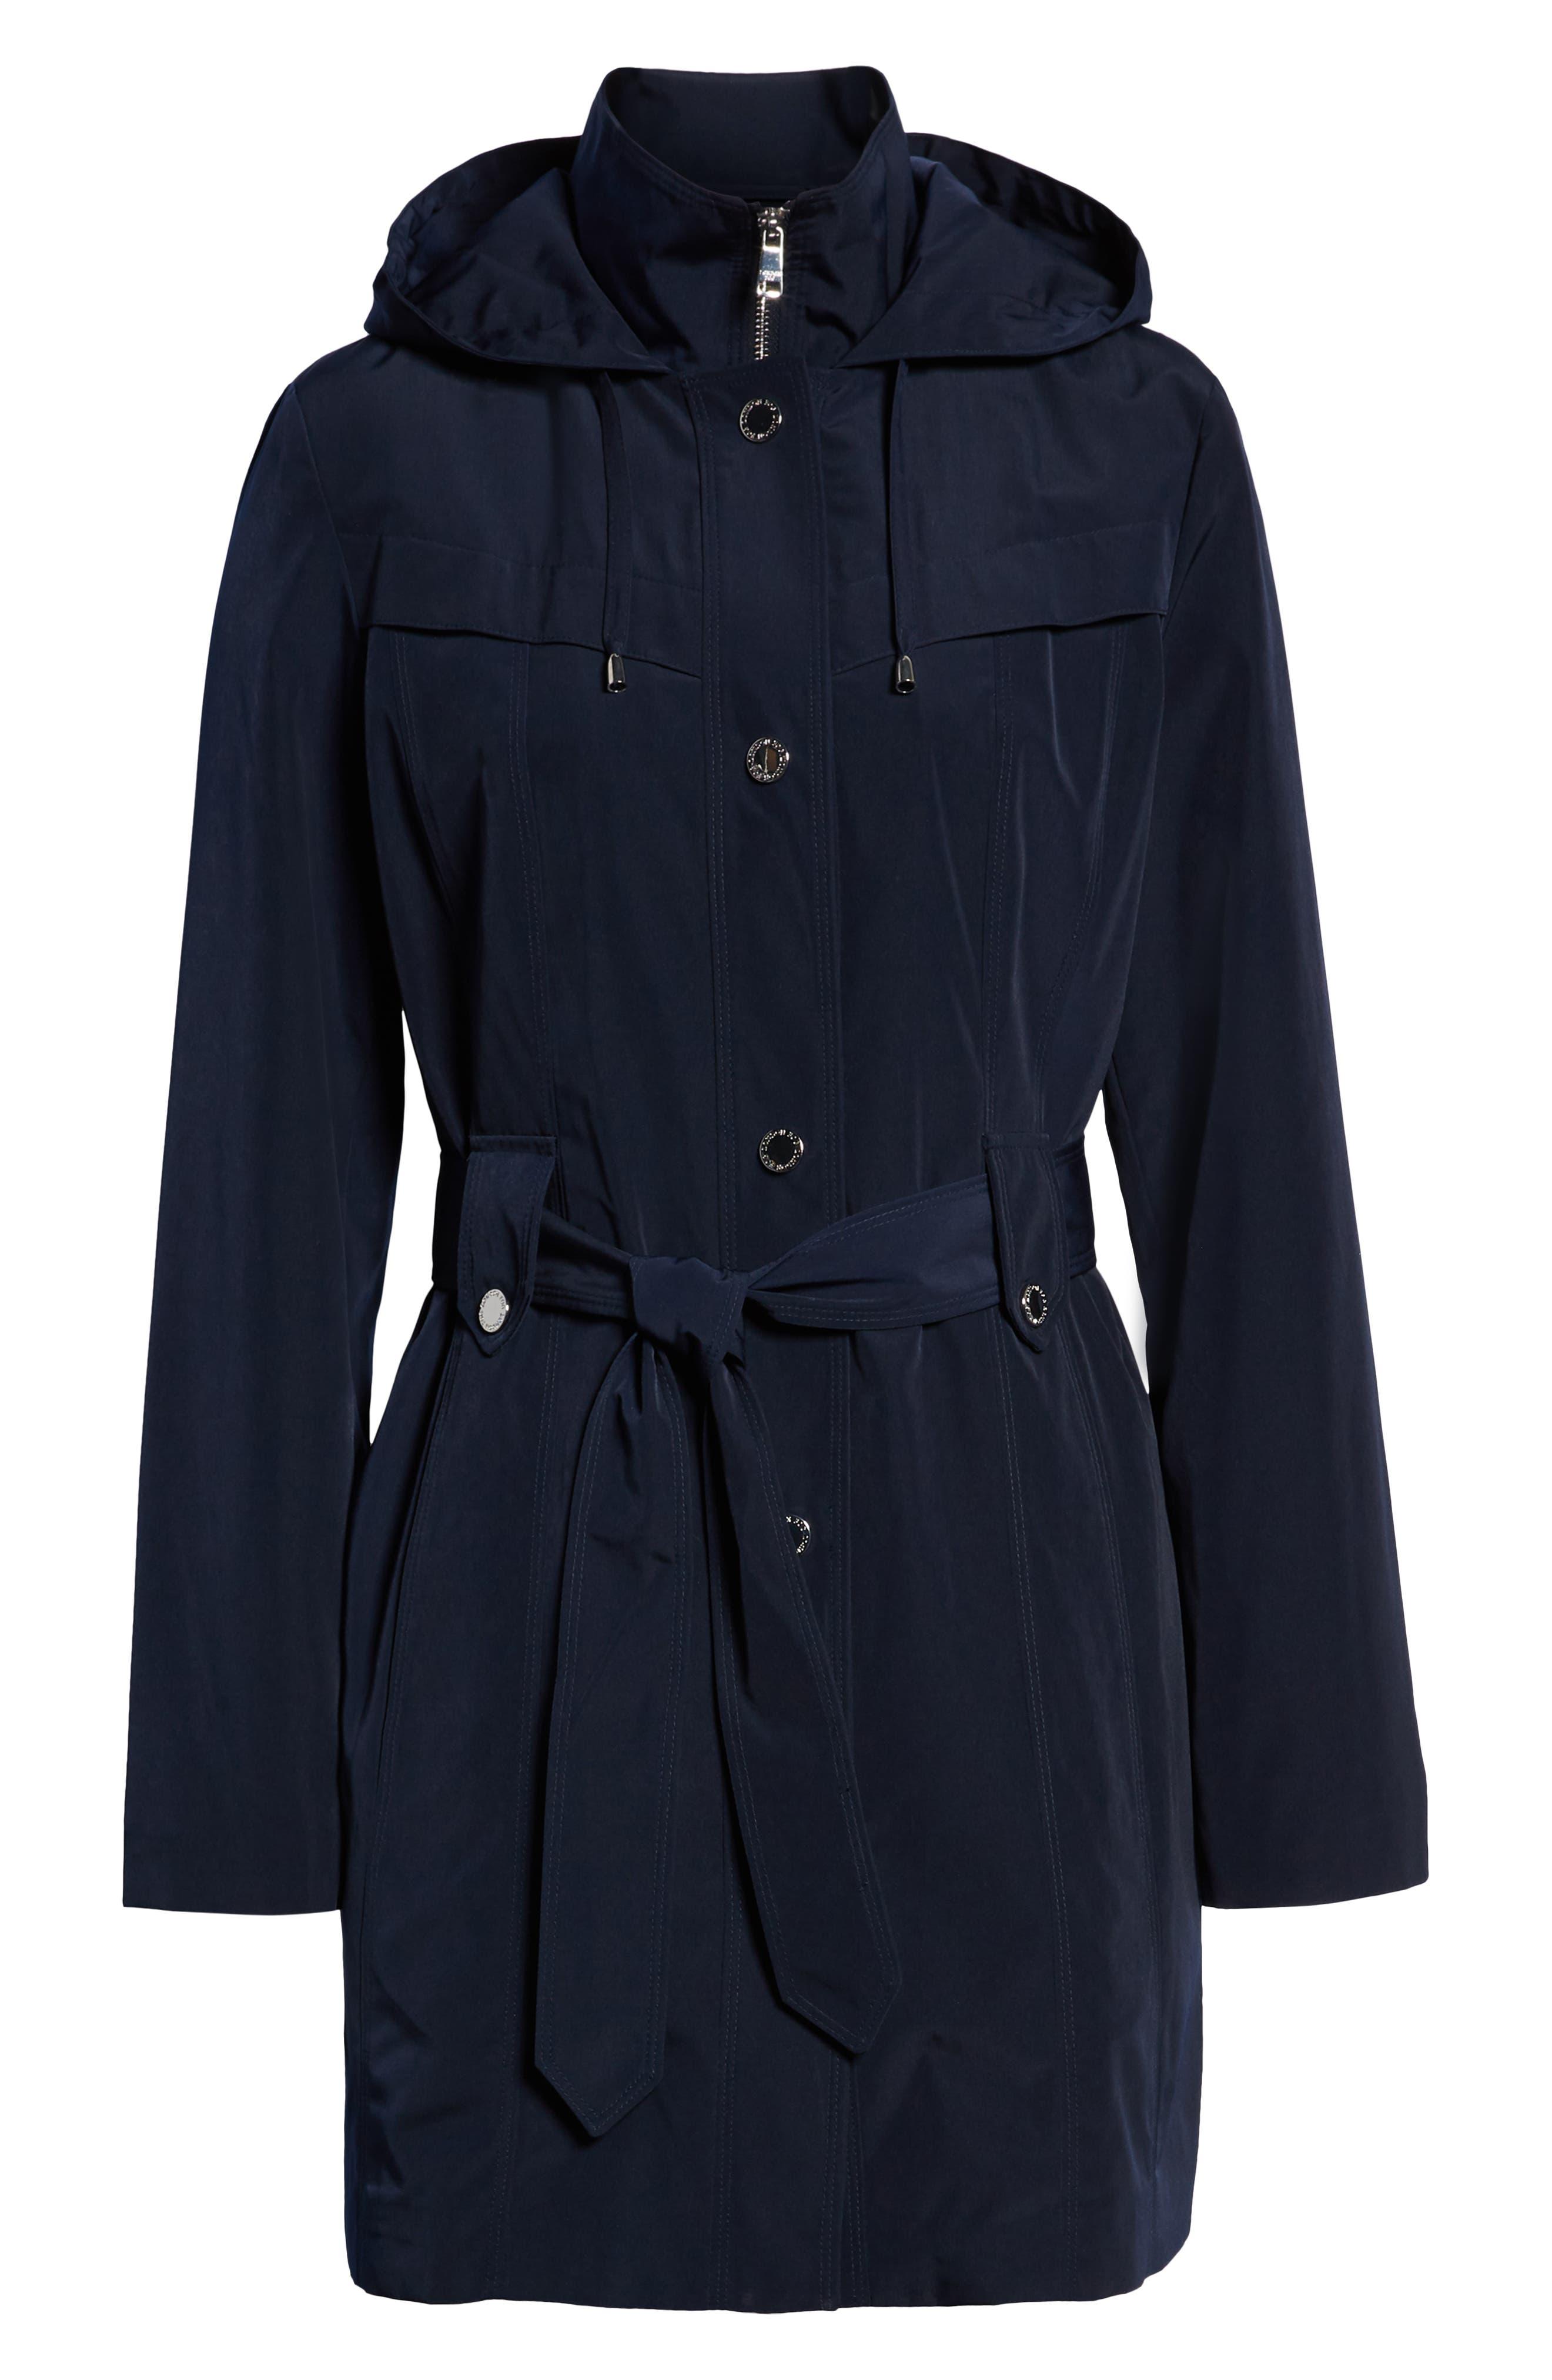 LONDON FOG, Hooded Trench Coat, Alternate thumbnail 6, color, NAVY